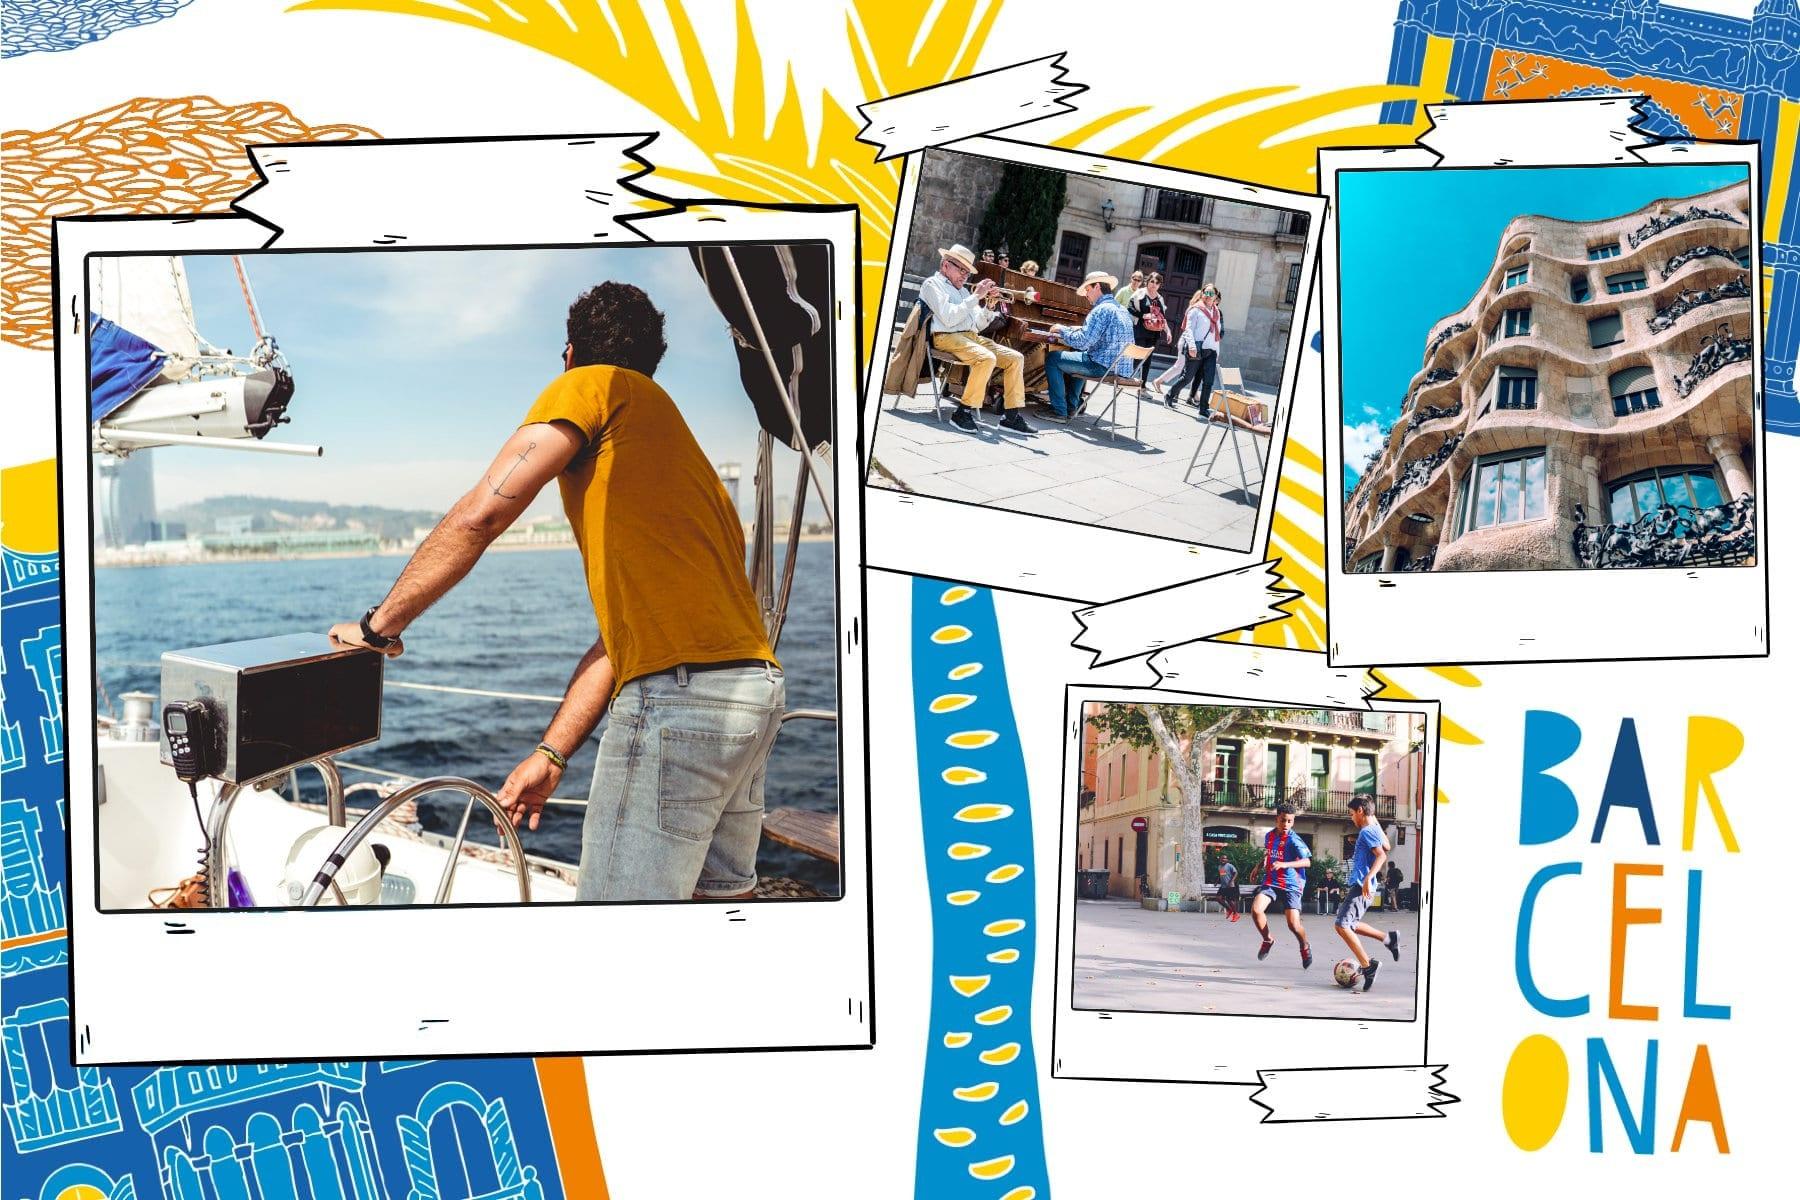 Carte postale personnalisée Fizzer aux couleurs de Barcelone